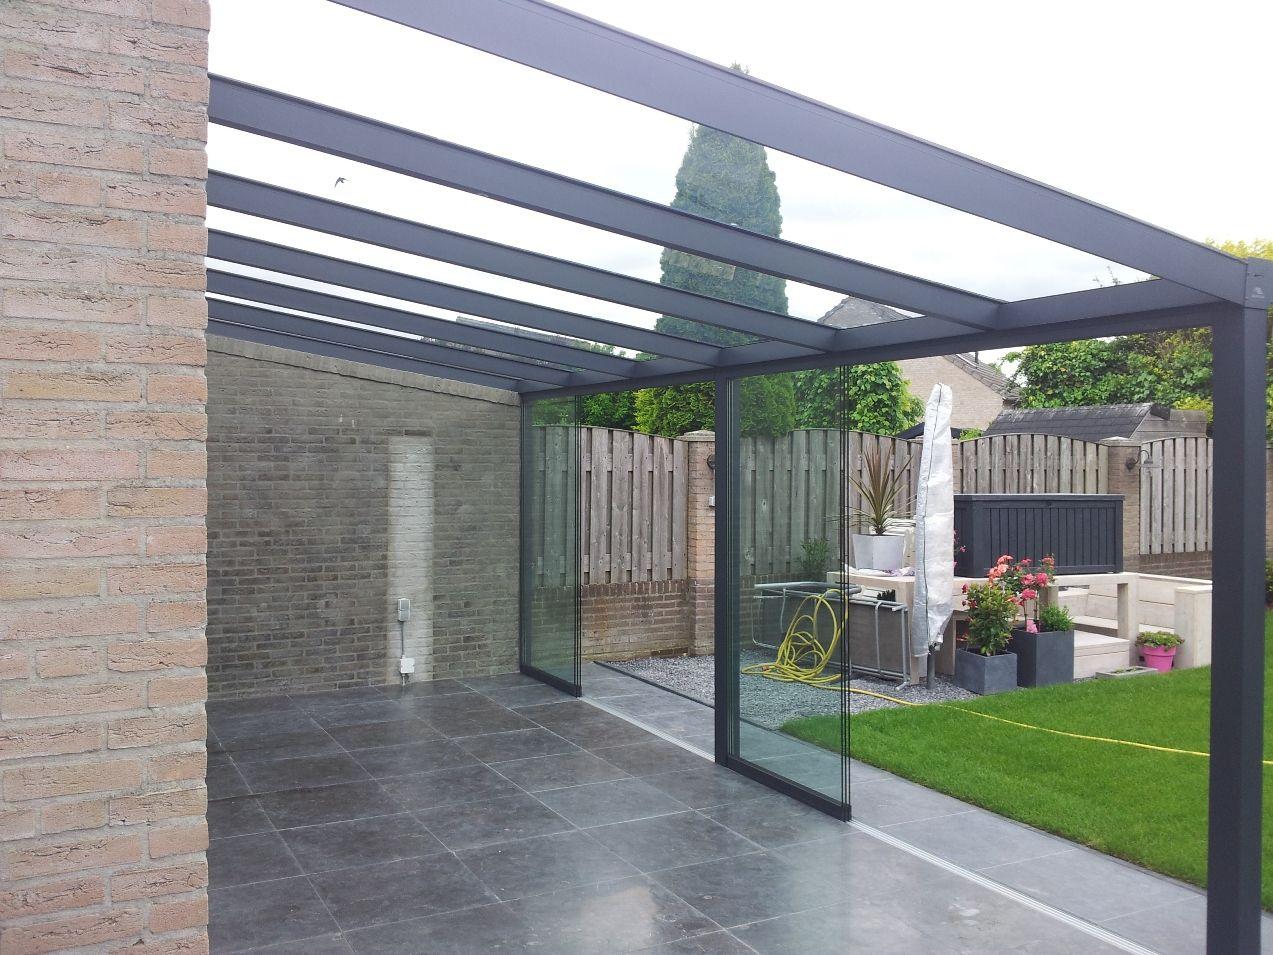 429 gumax terrasoverkapping met glazen dak en glazen schuifwanden